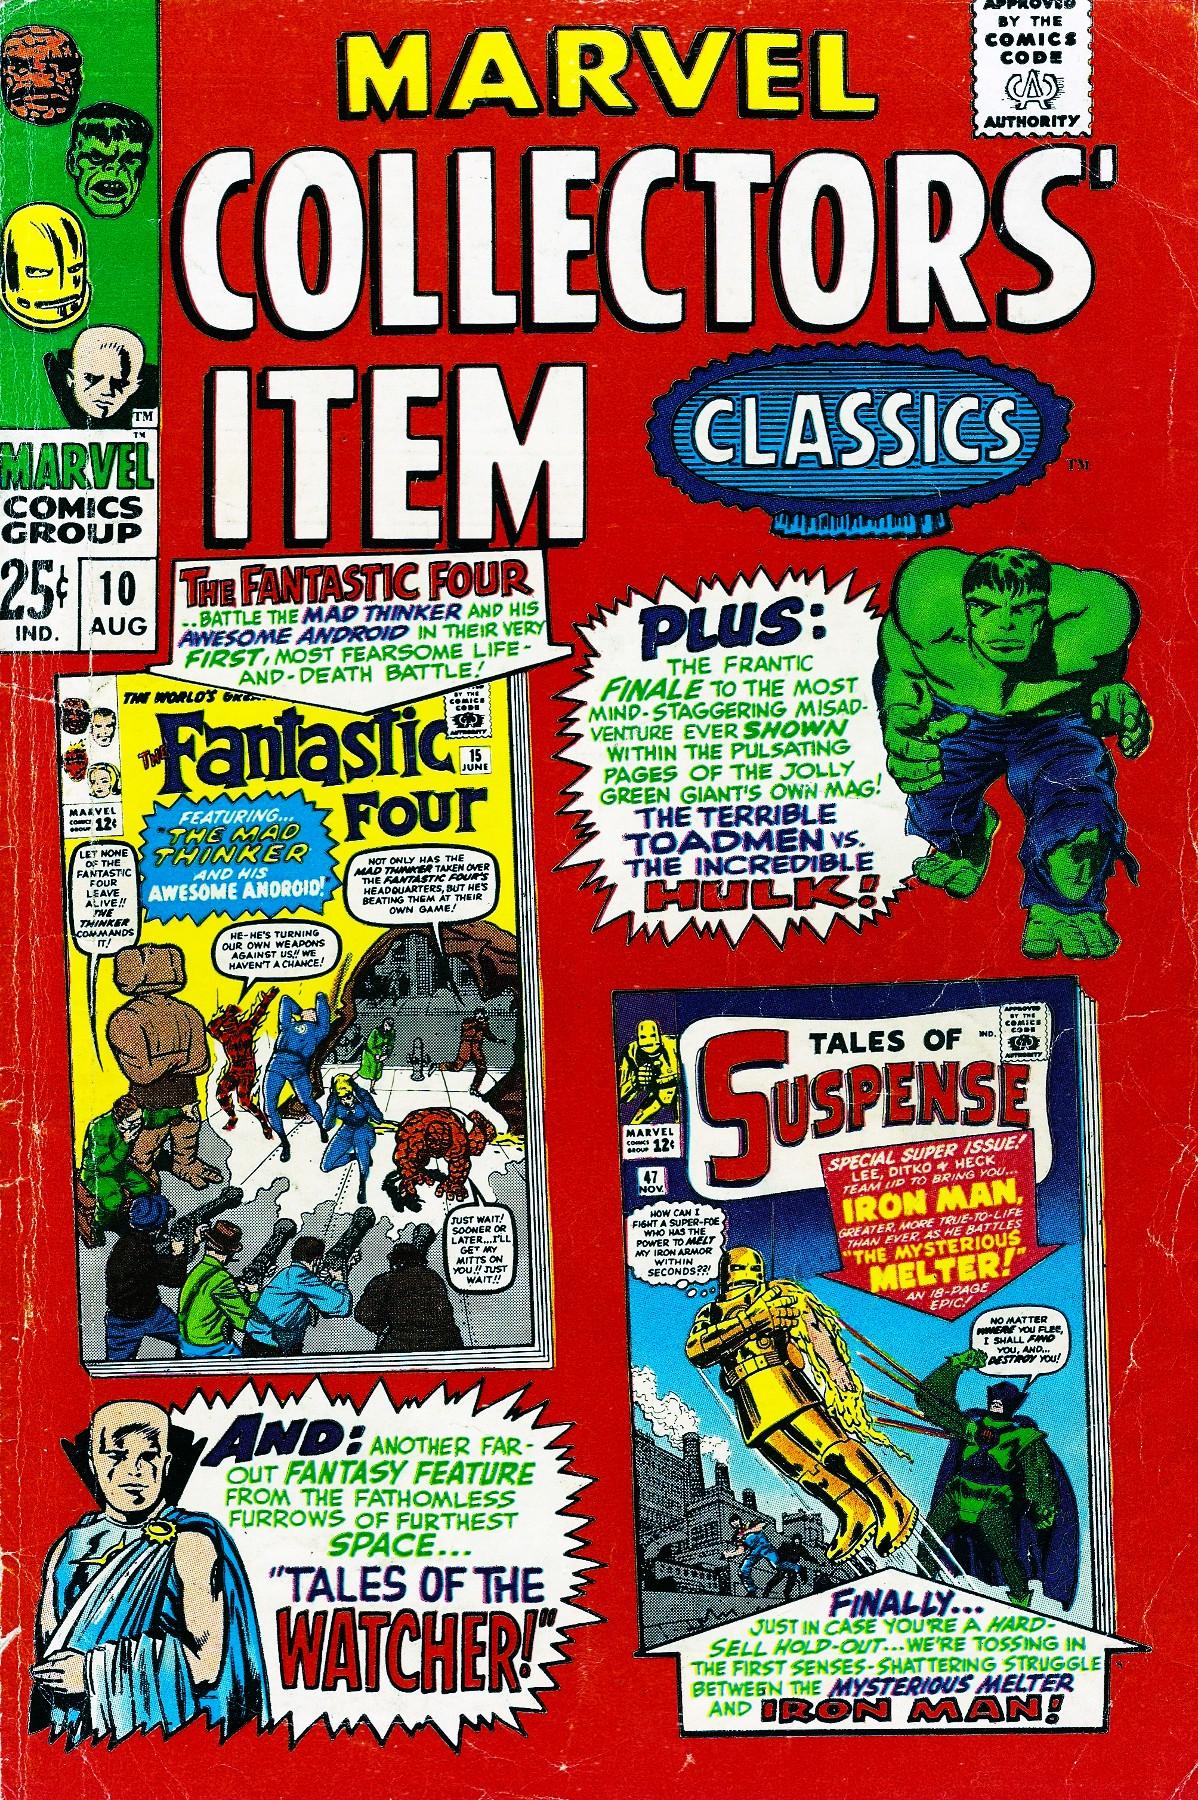 Marvel Collectors Item Classics 10 Page 1